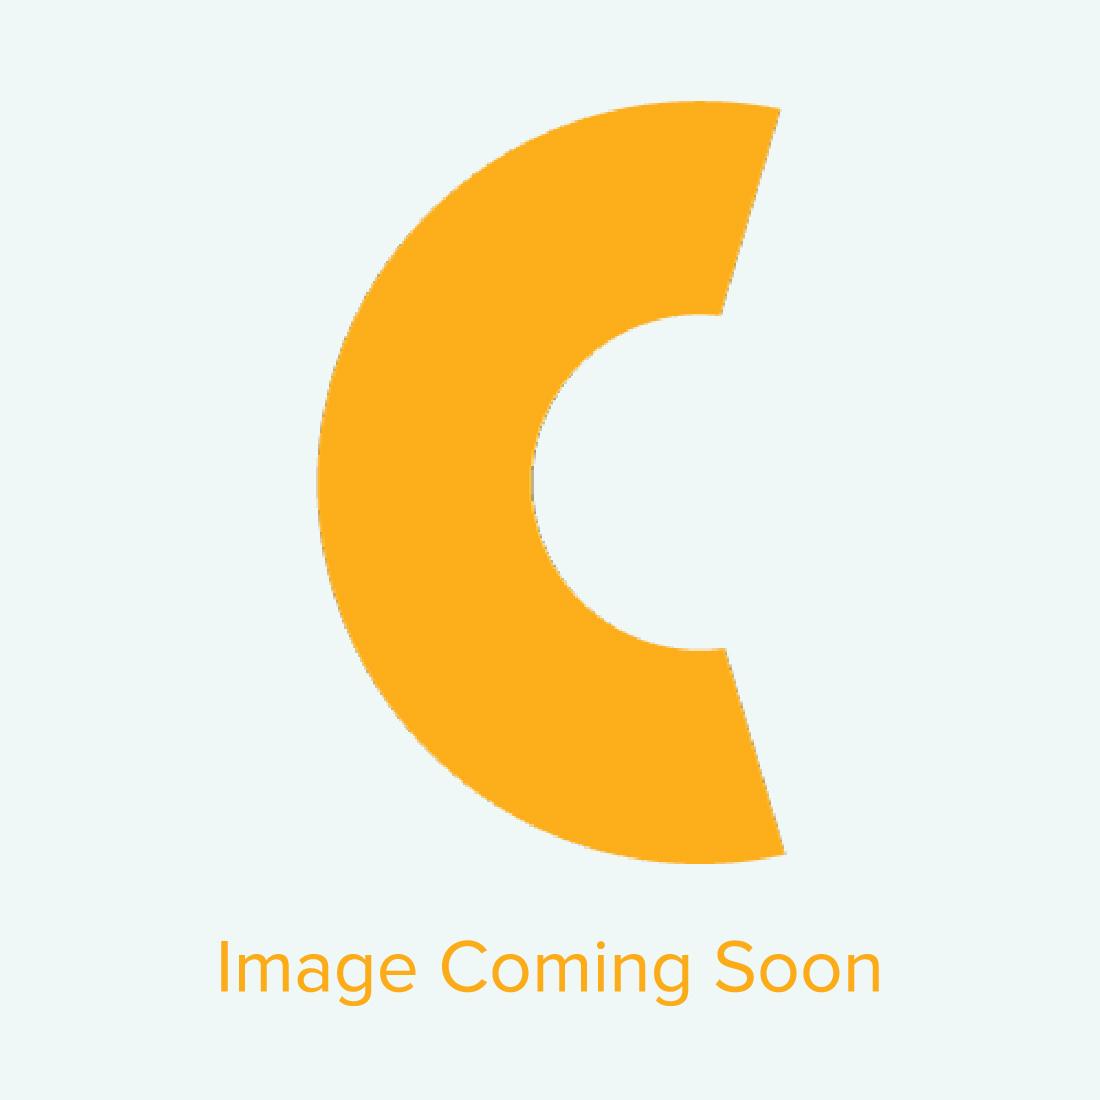 FC8600-130, FC8000-130, FC7000 MK2-130, FC7000-130 - Replacement Cutting Strip